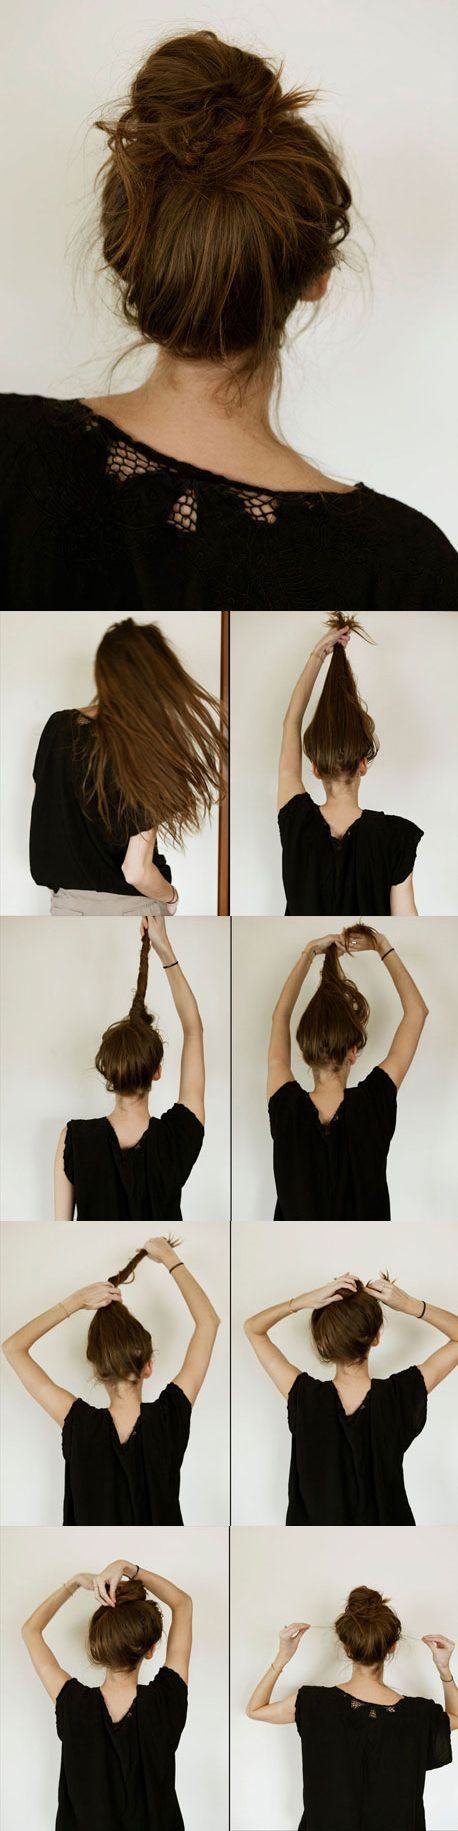 Messy bun howto bun hairstyle bun updo and updo